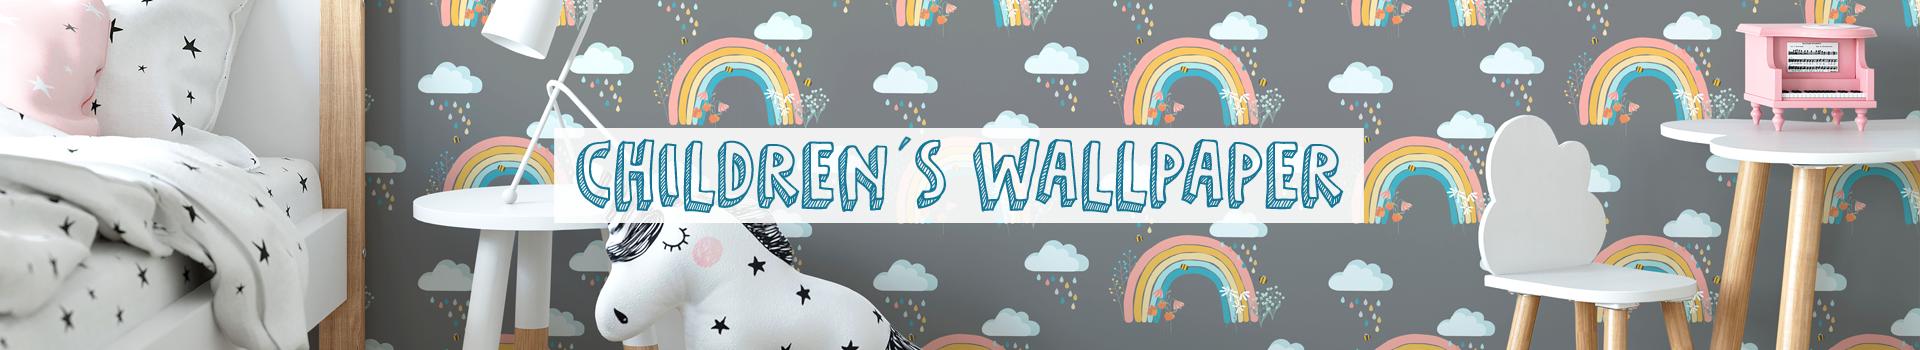 chilrdren-s-wallpaper.png